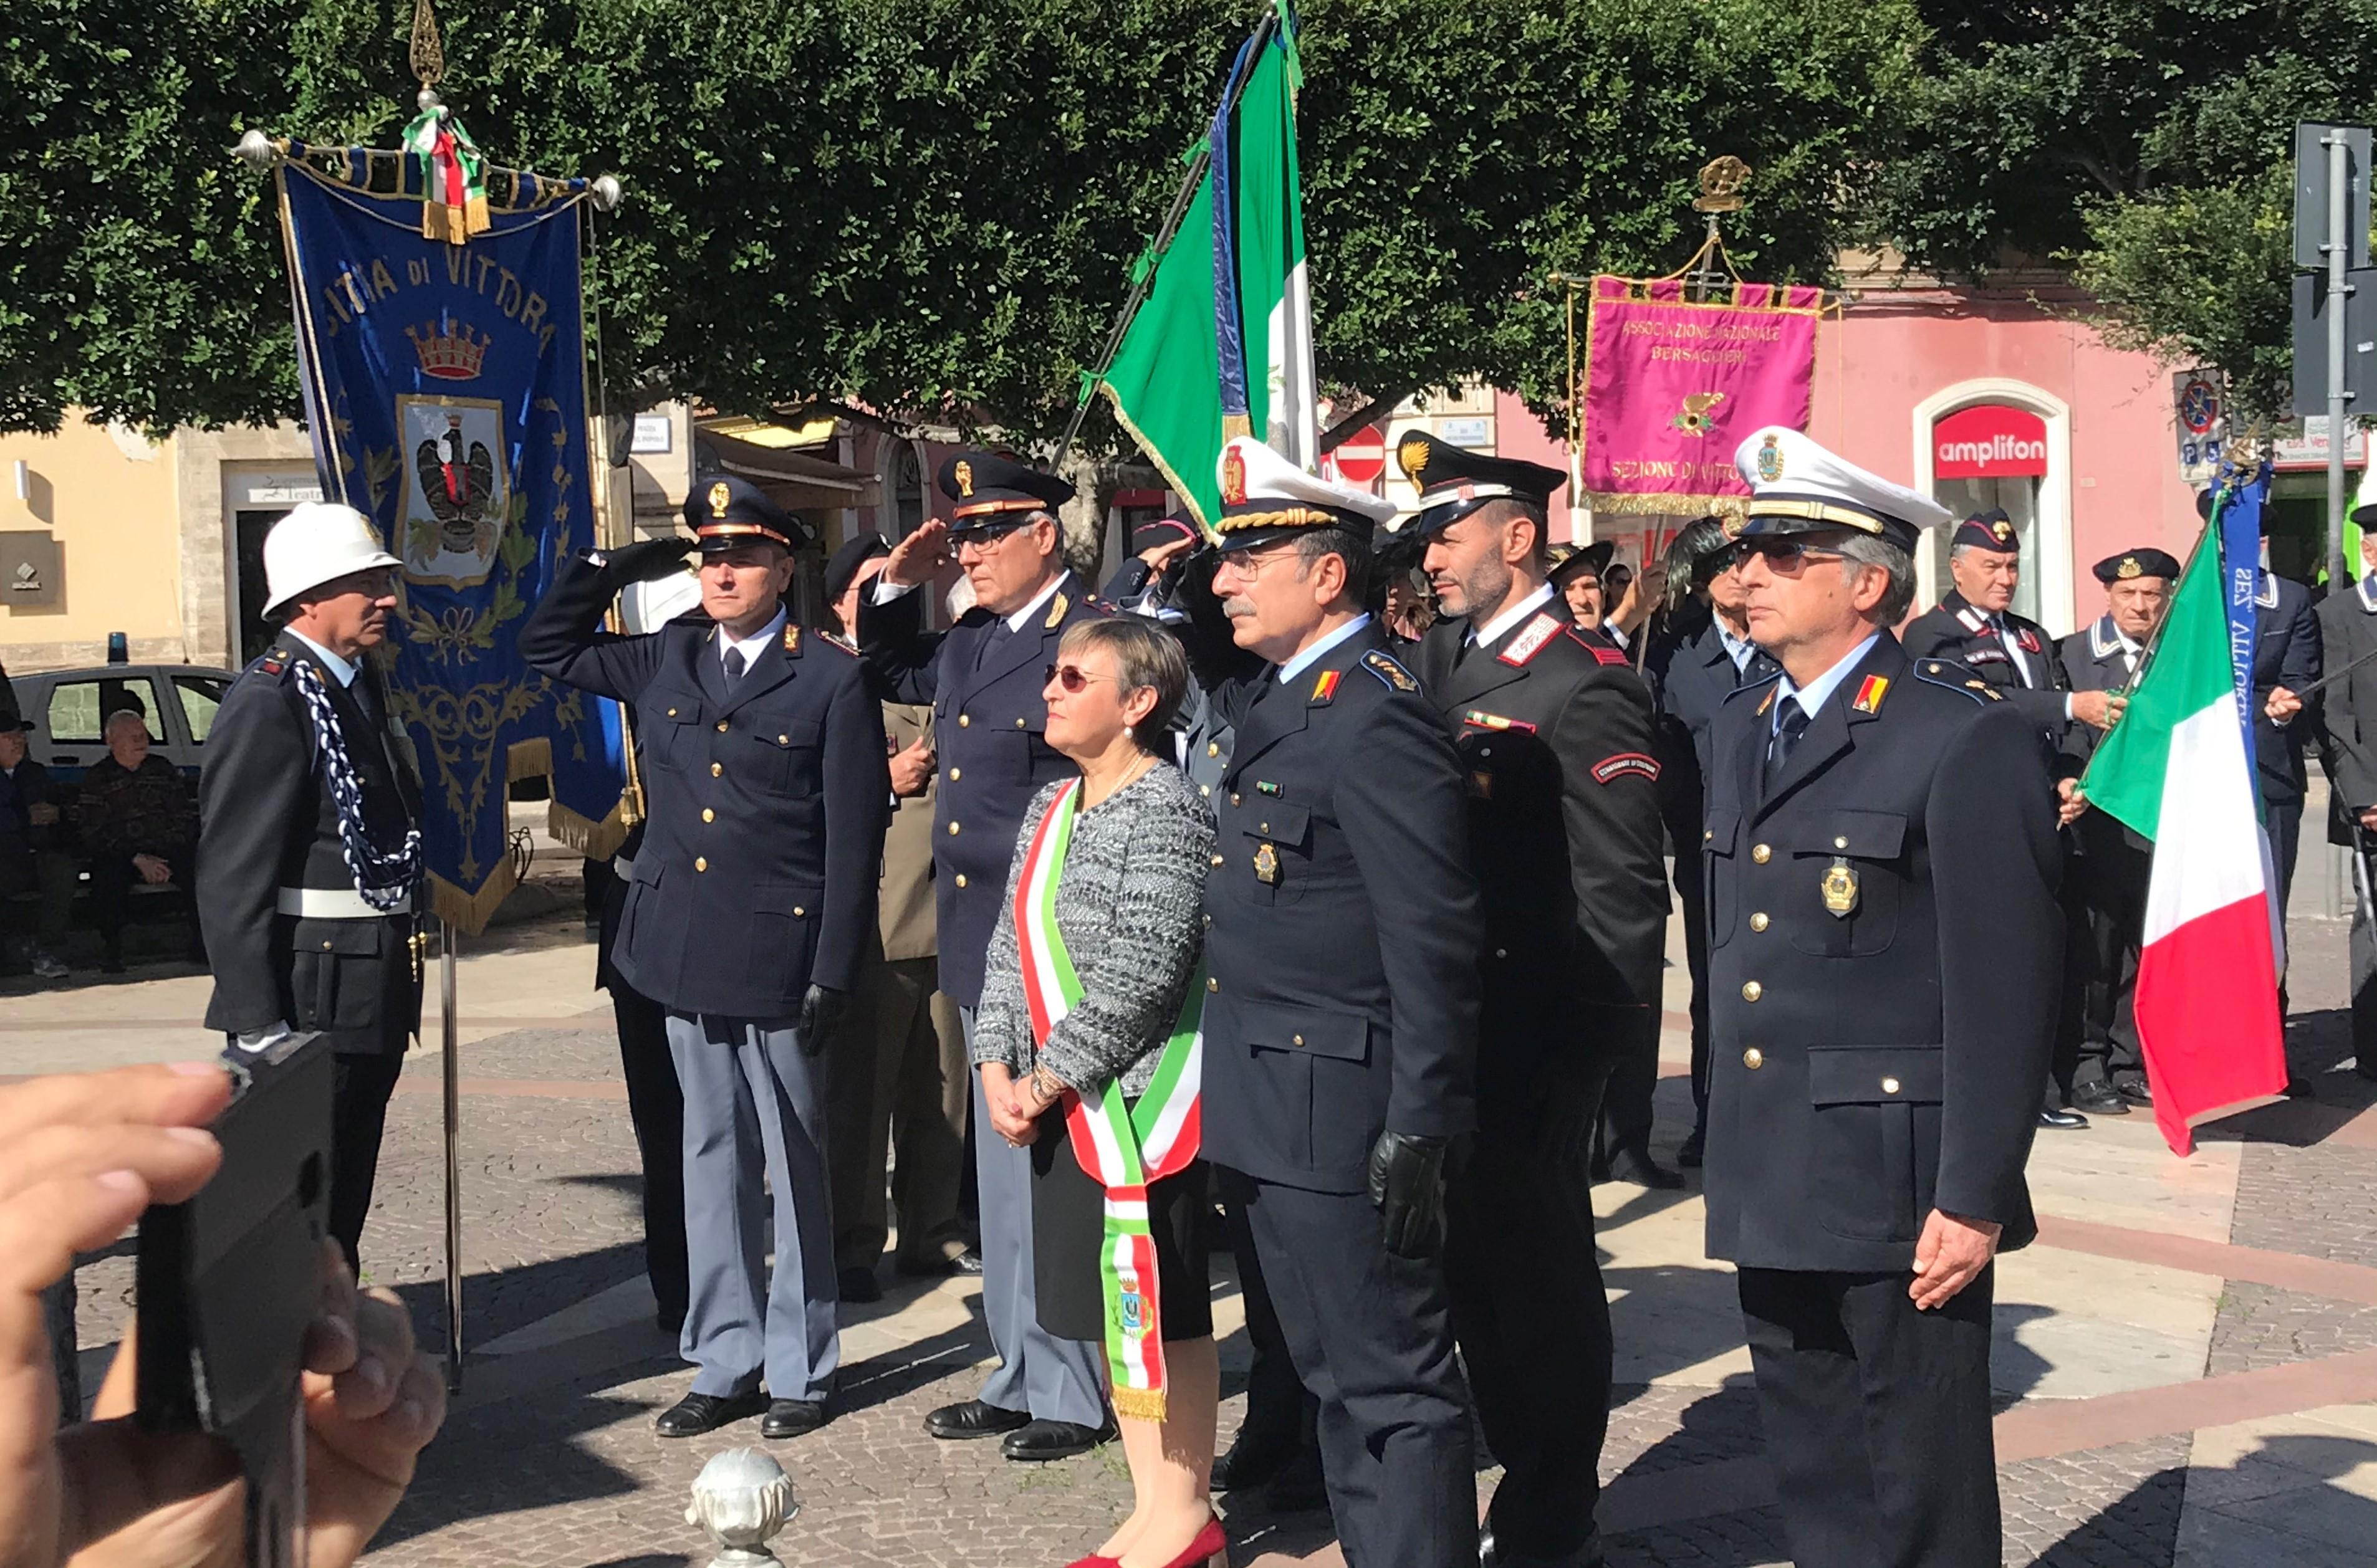 Ricorrenza del 4 novembre, diverse celebrazioni nel Ragusano